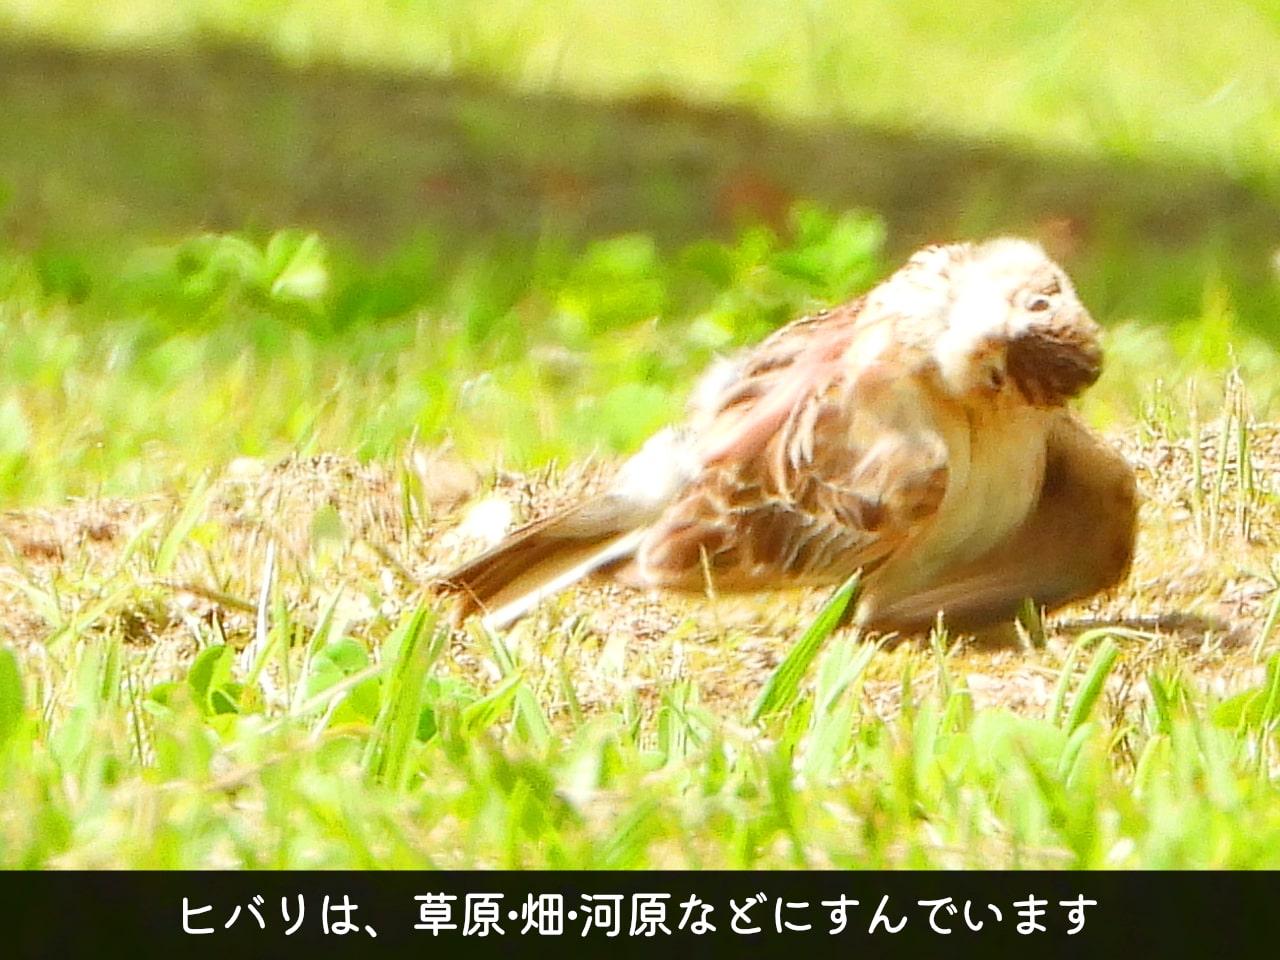 羽繕いするヒバリの写真